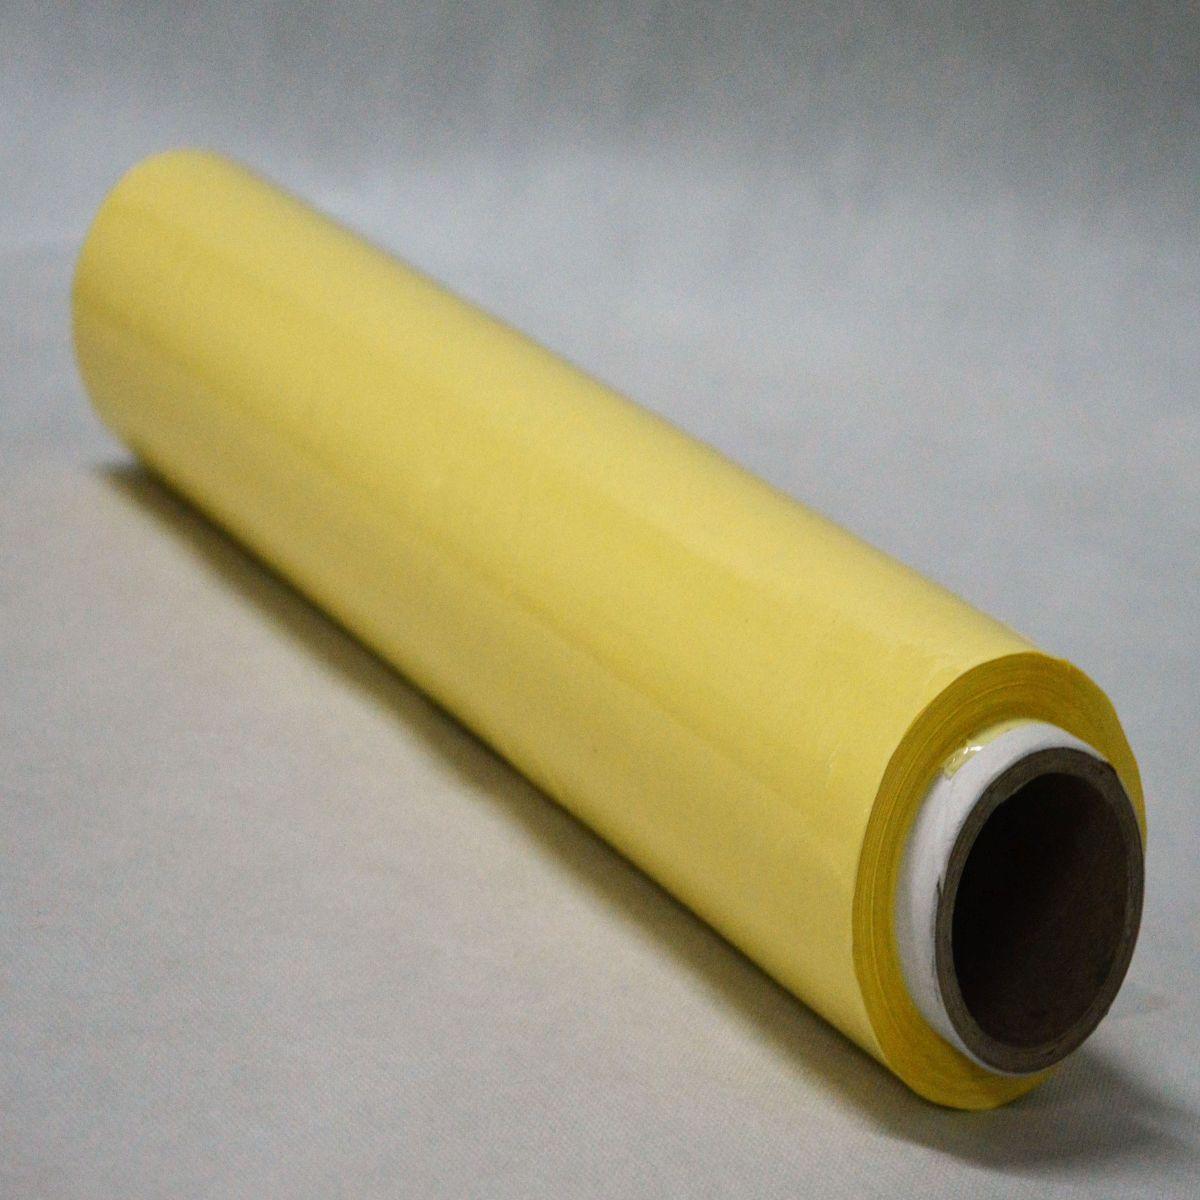 Folia stretch ręczna żółta